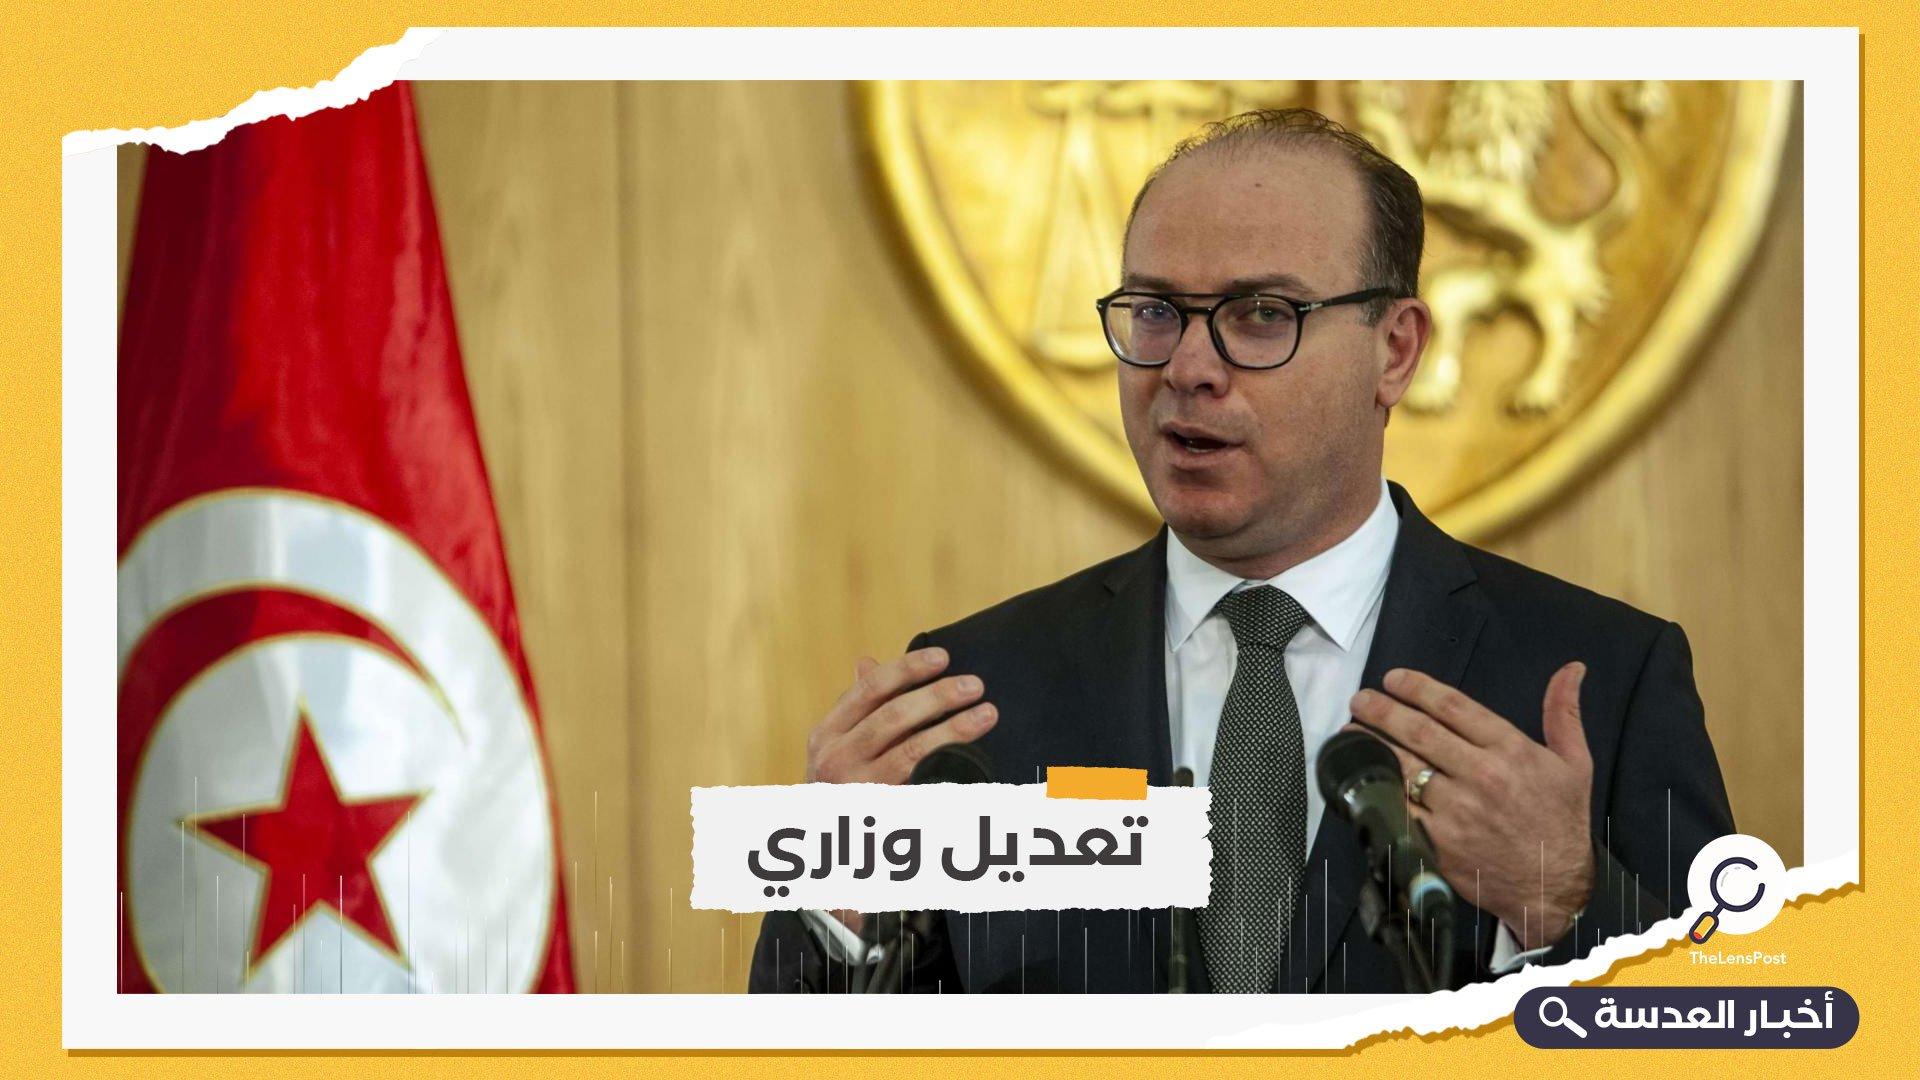 تونس.. رئيس الحكومة يعفي 5 وزراء من مناصبهم